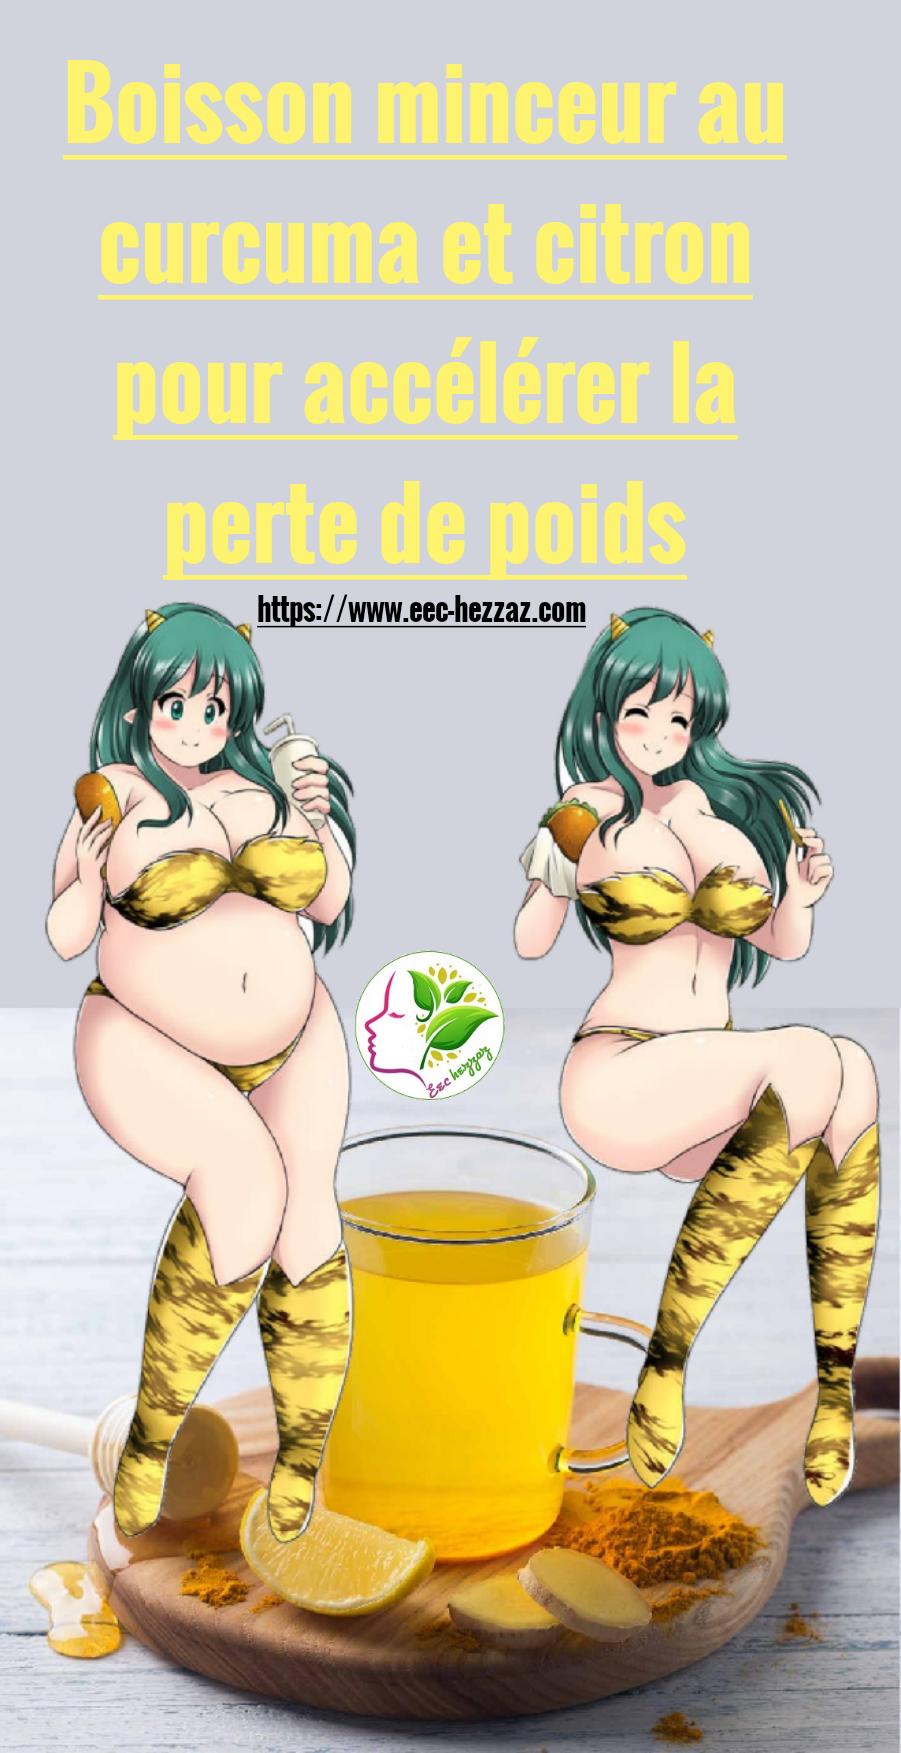 Boisson minceur au curcuma et citron pour accélérer la perte de poids